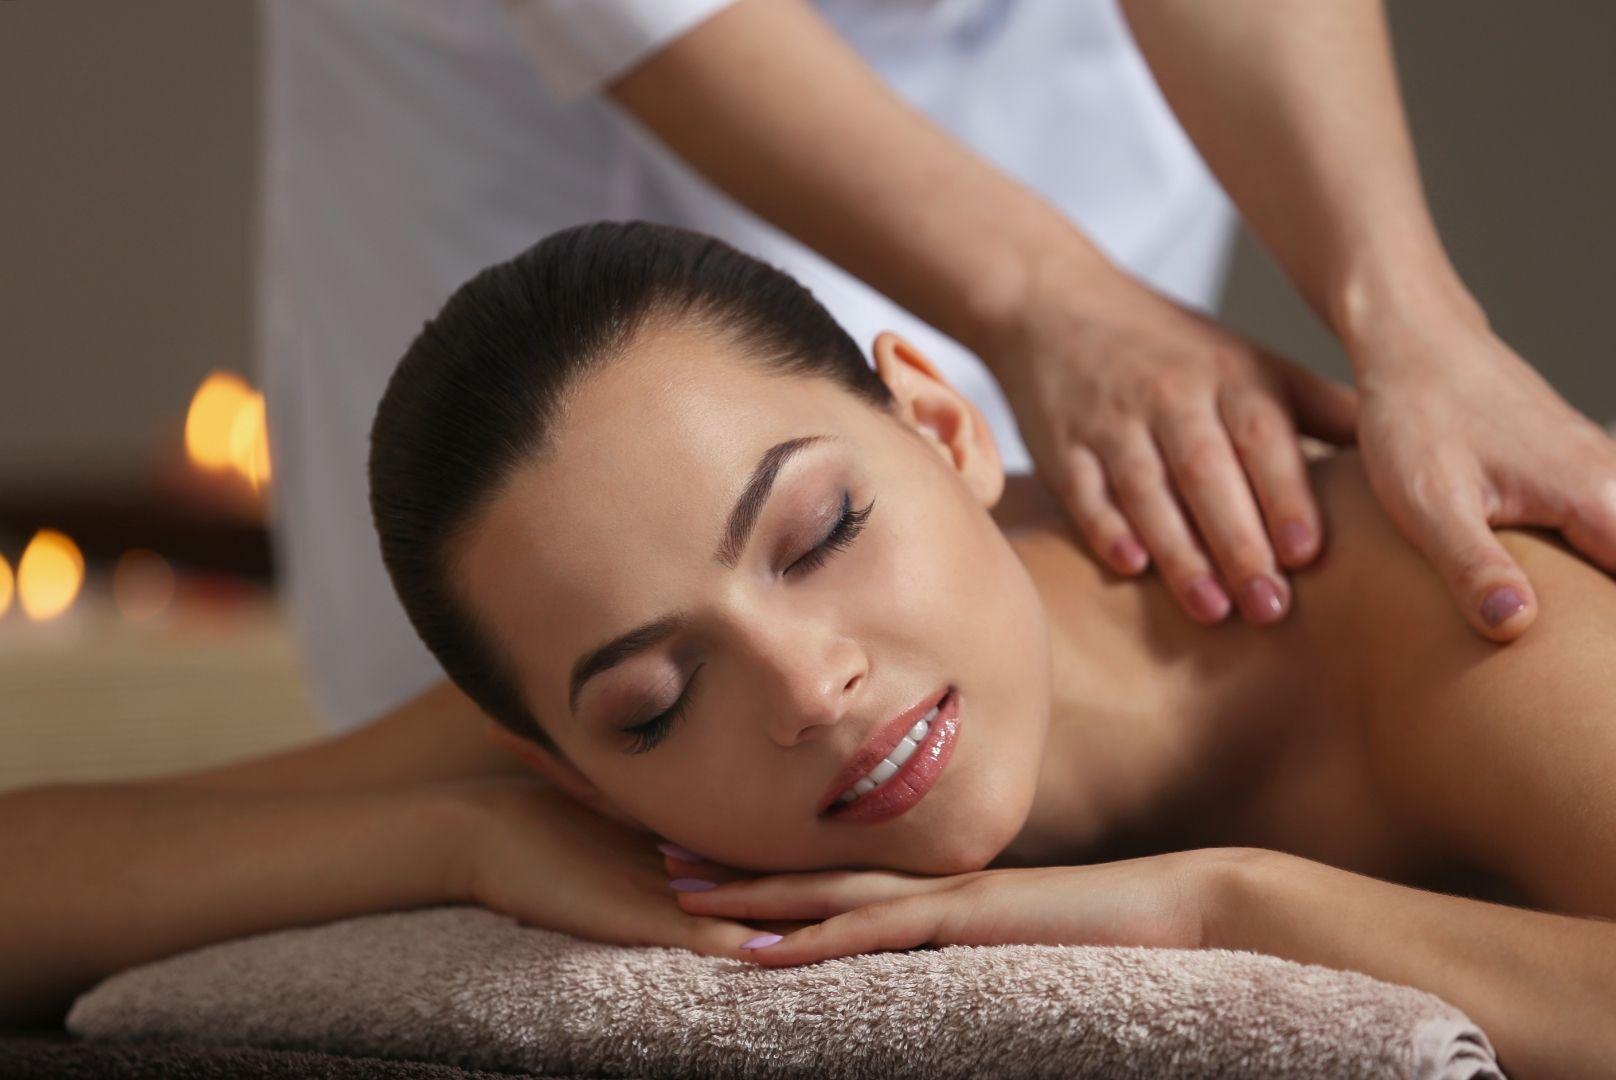 anti-aging benefits of massage